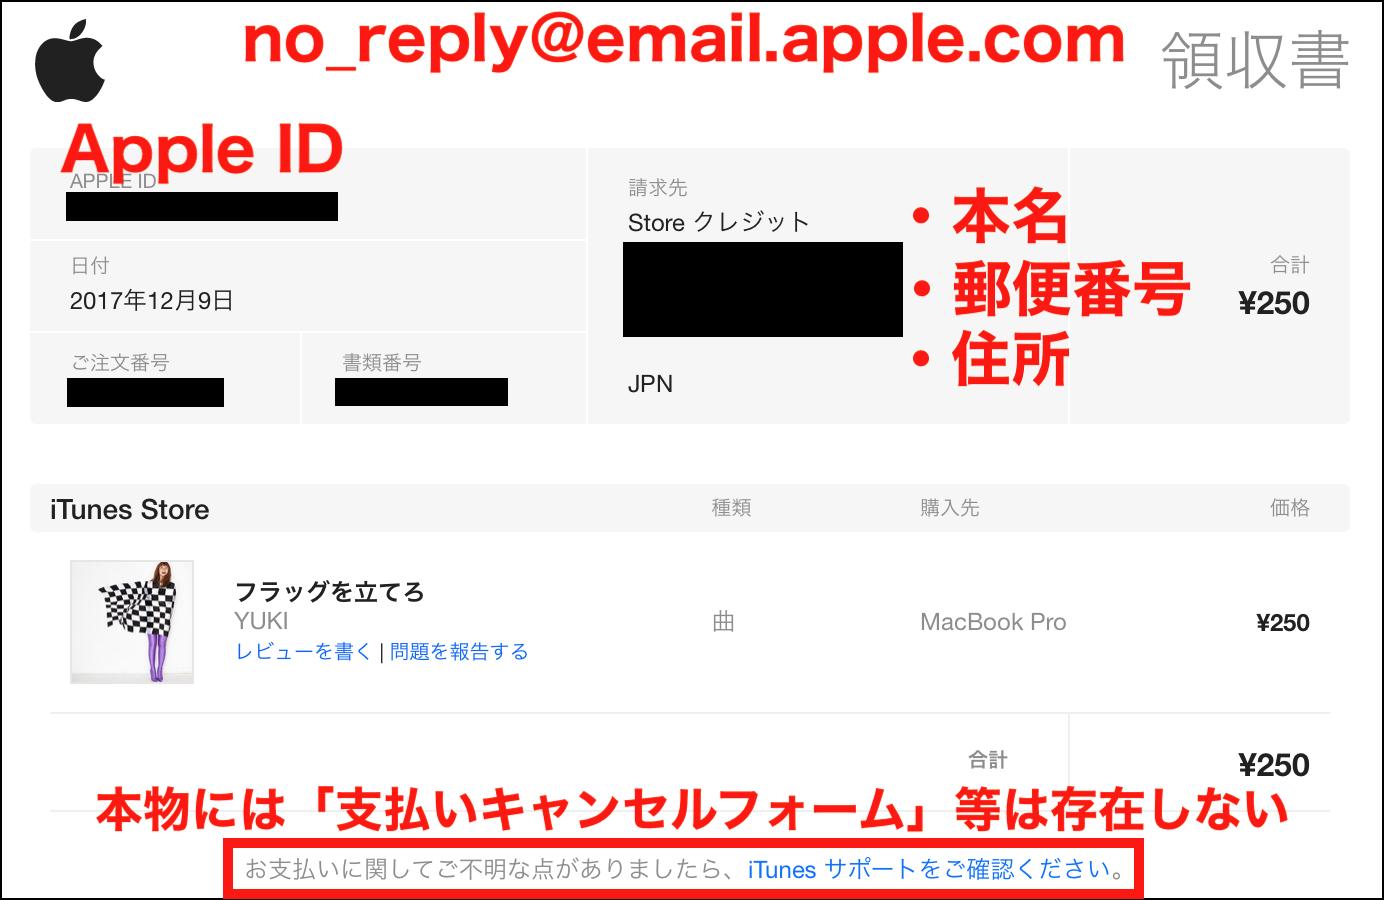 Apple 領収 書 領収証/各種書類 - ショッピングのサポート